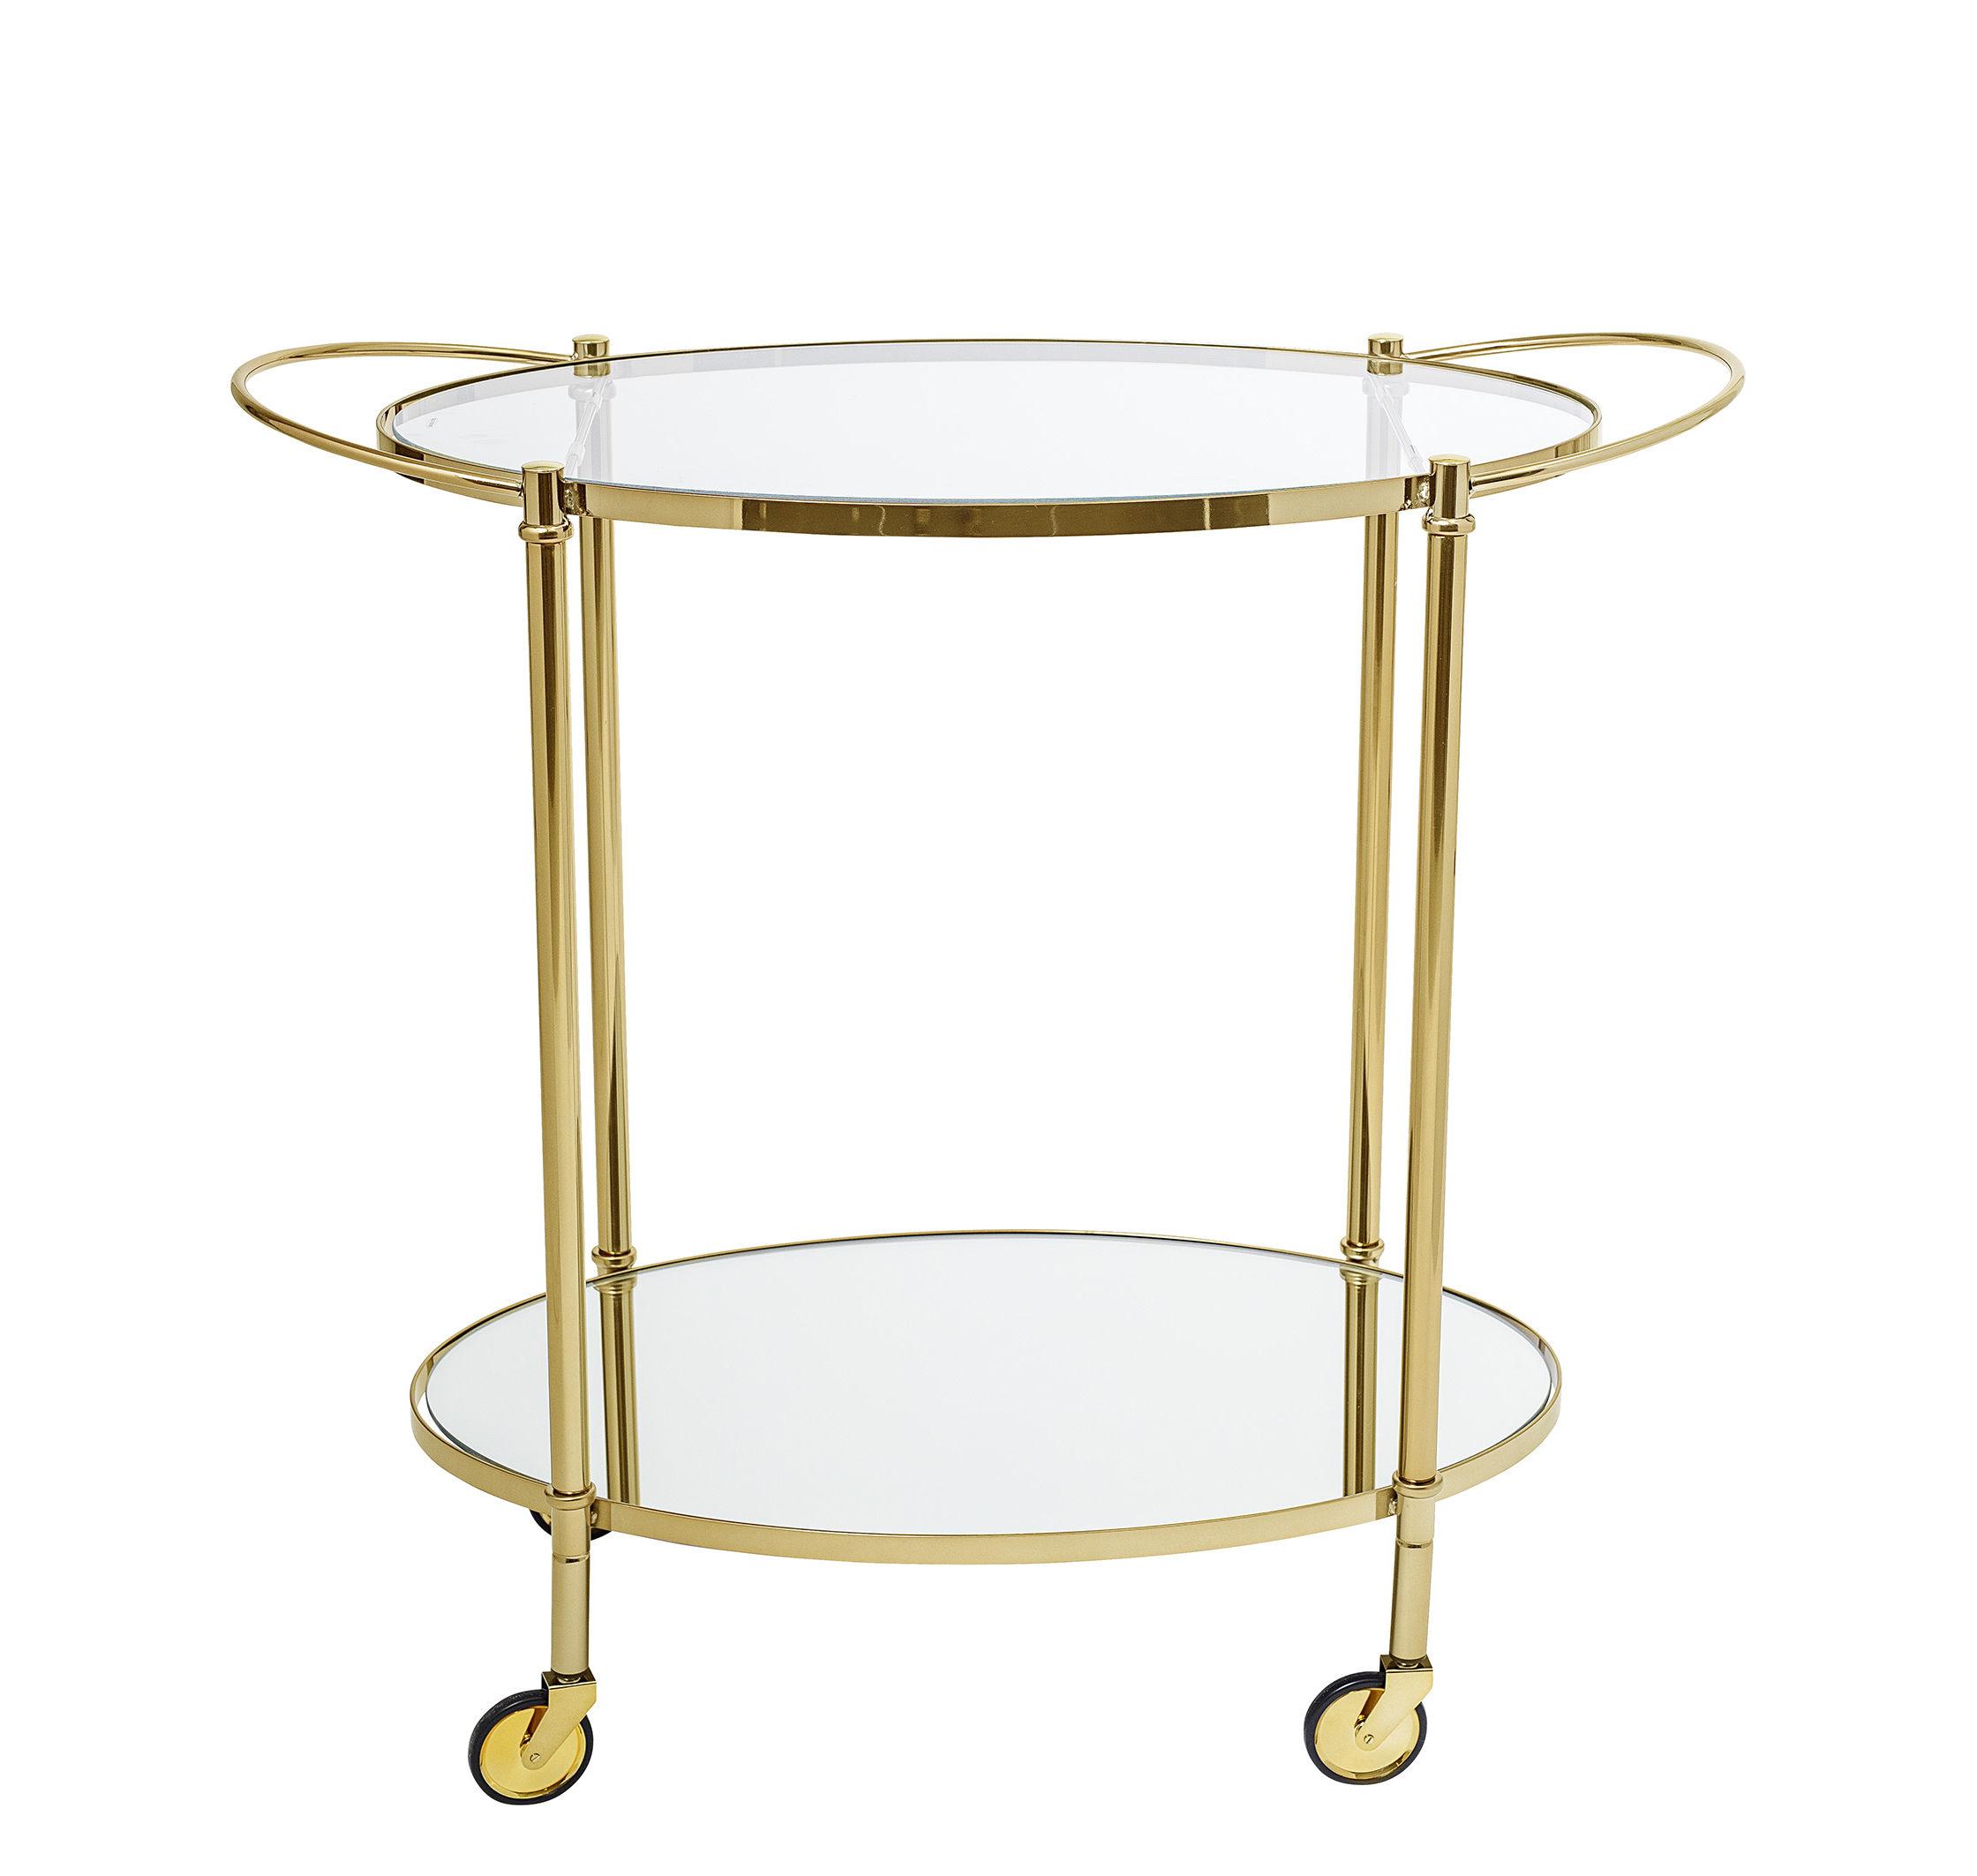 Mobilier - Compléments d'ameublement - Chariot Gold / Métal & verre - Bloomingville - Transparent & or - Métal, Verre trempé